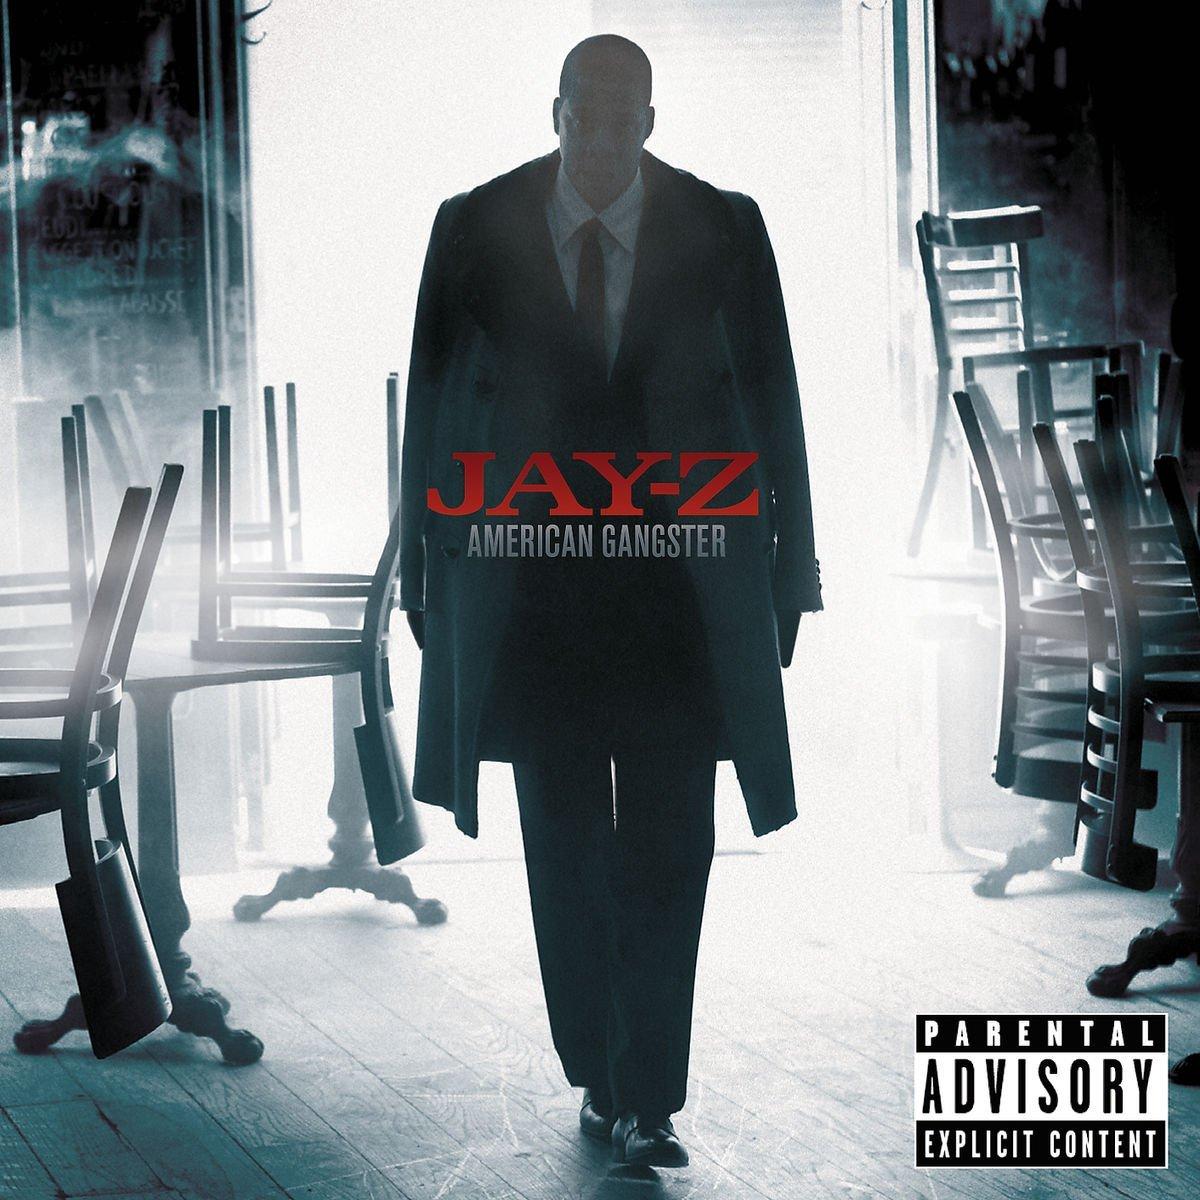 jay z american gangster Top 50 Songs of 2007